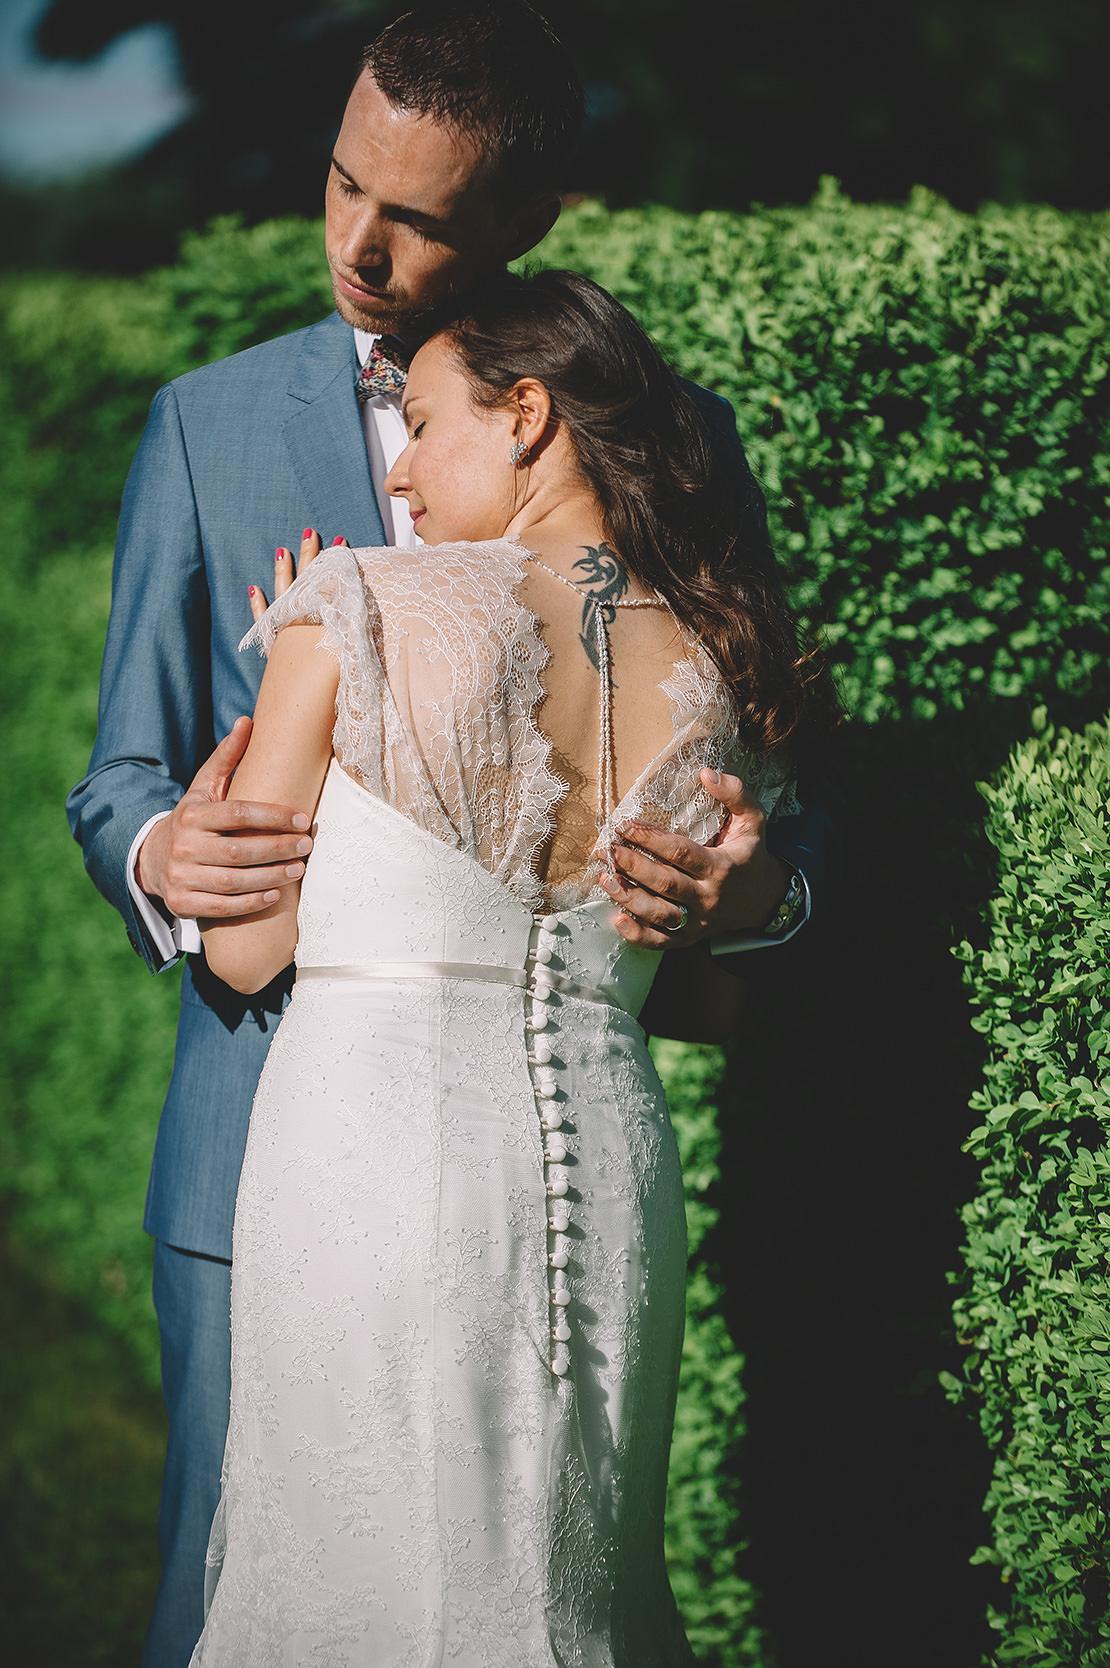 romantique-mariage-silvia&thomas-monika-breitenmoser-photographe-mariage-nyon-(241)